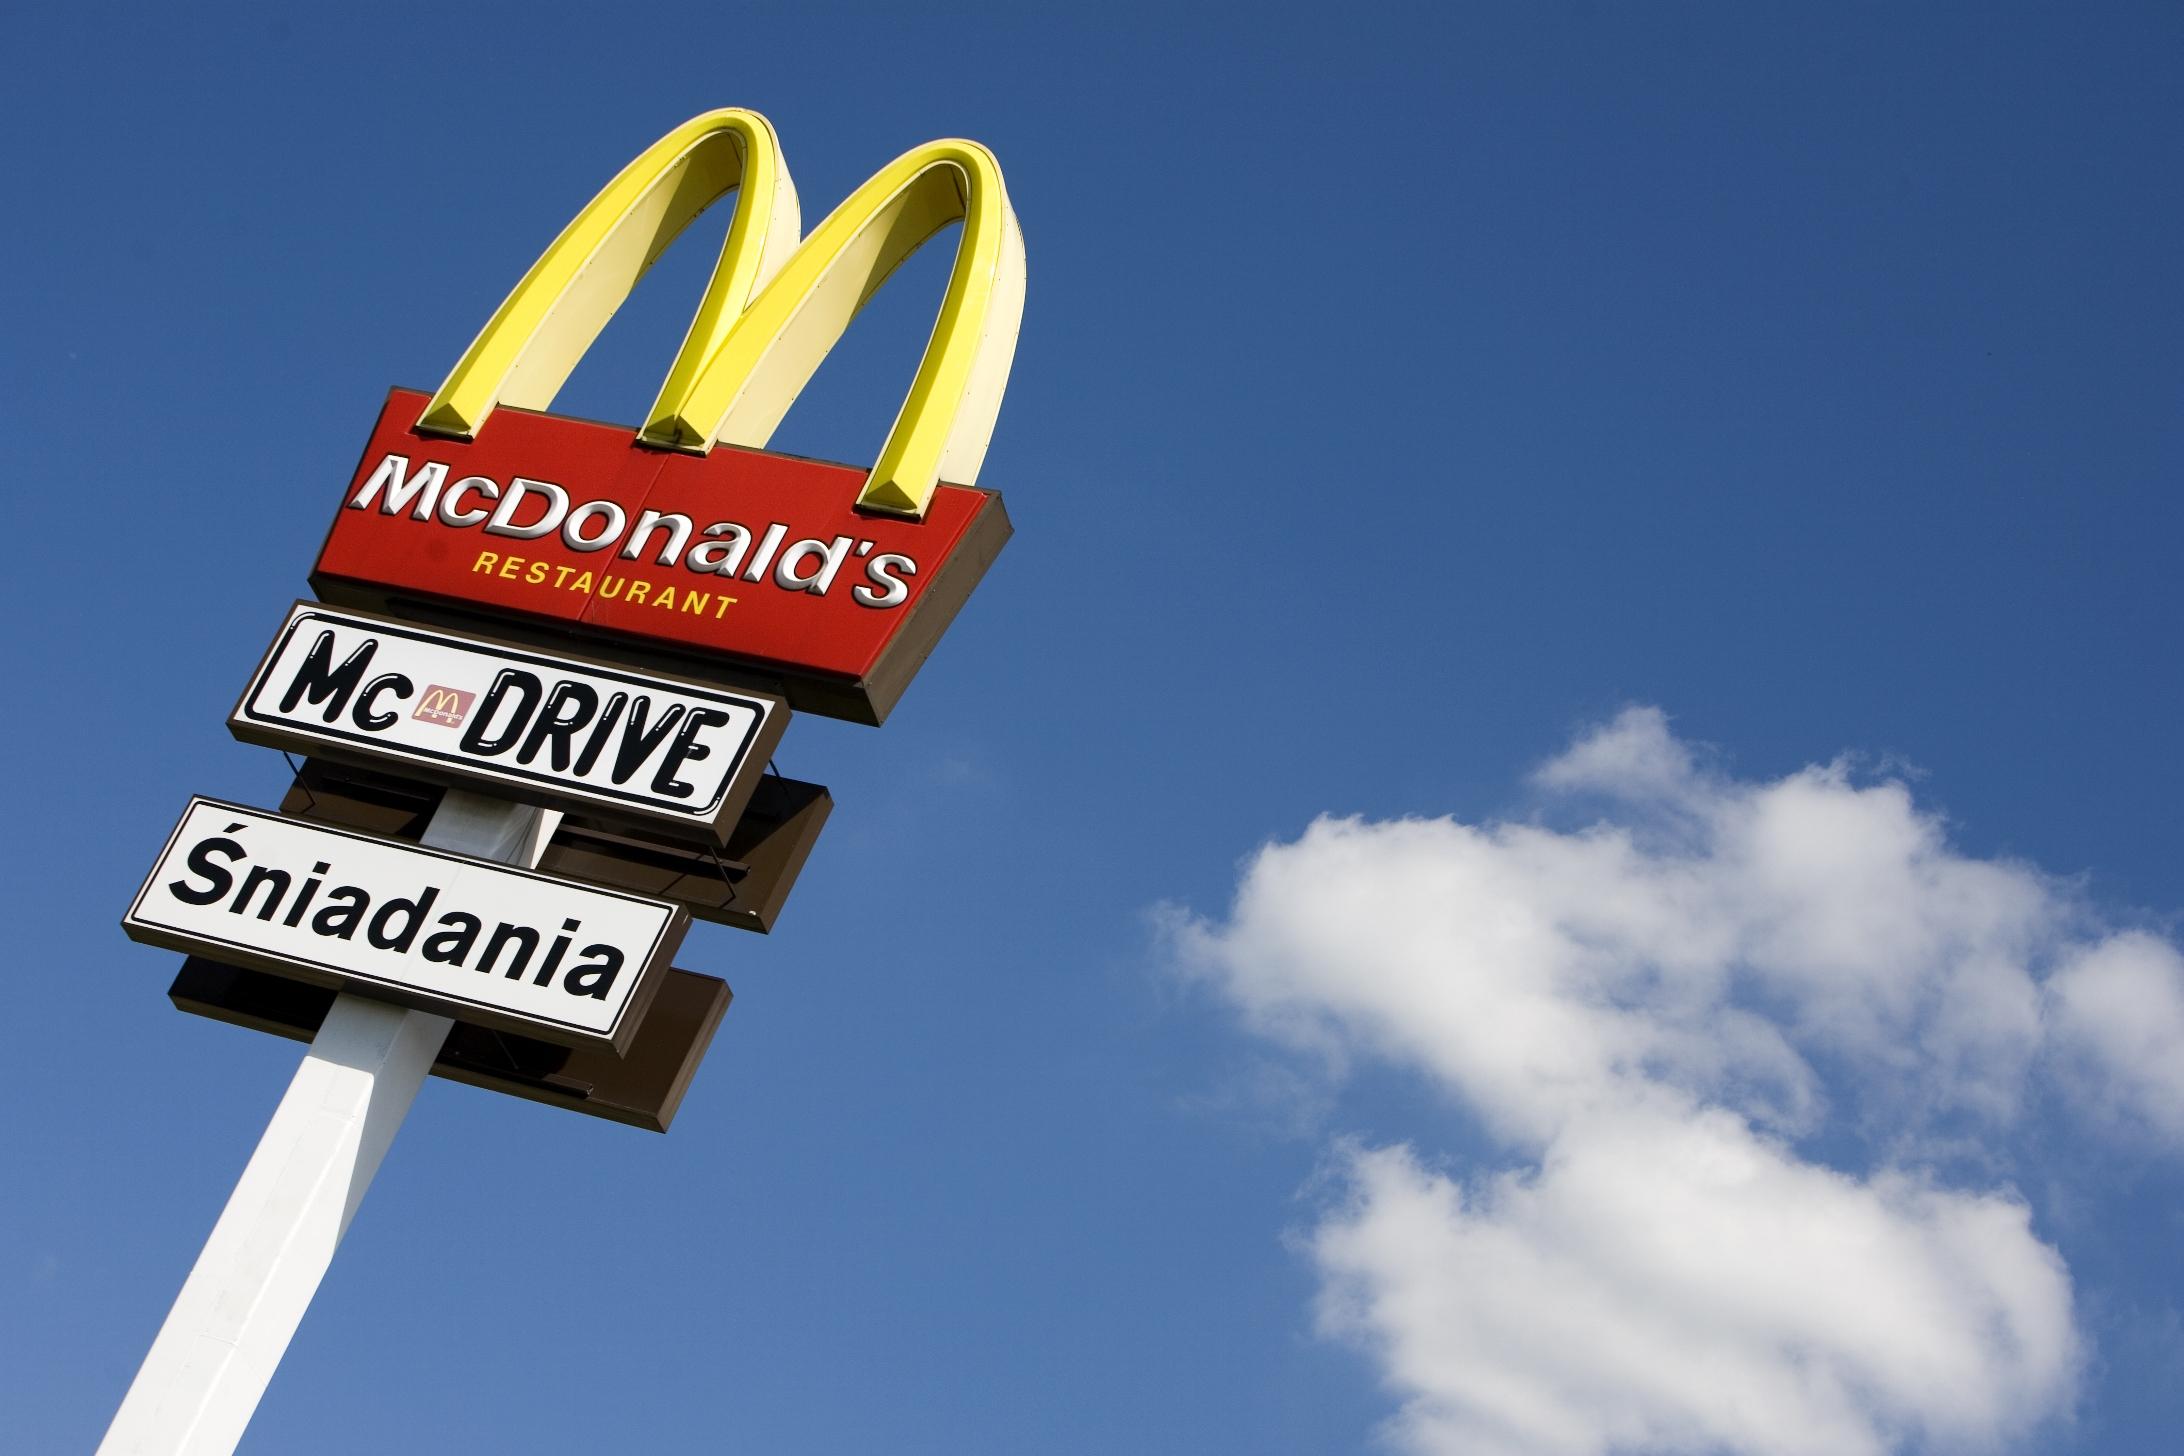 Kolejna restauracja McDonald?s w Krakowie już otwarta! To 14. w mieście i 292. w Polsce obiekt sieci!